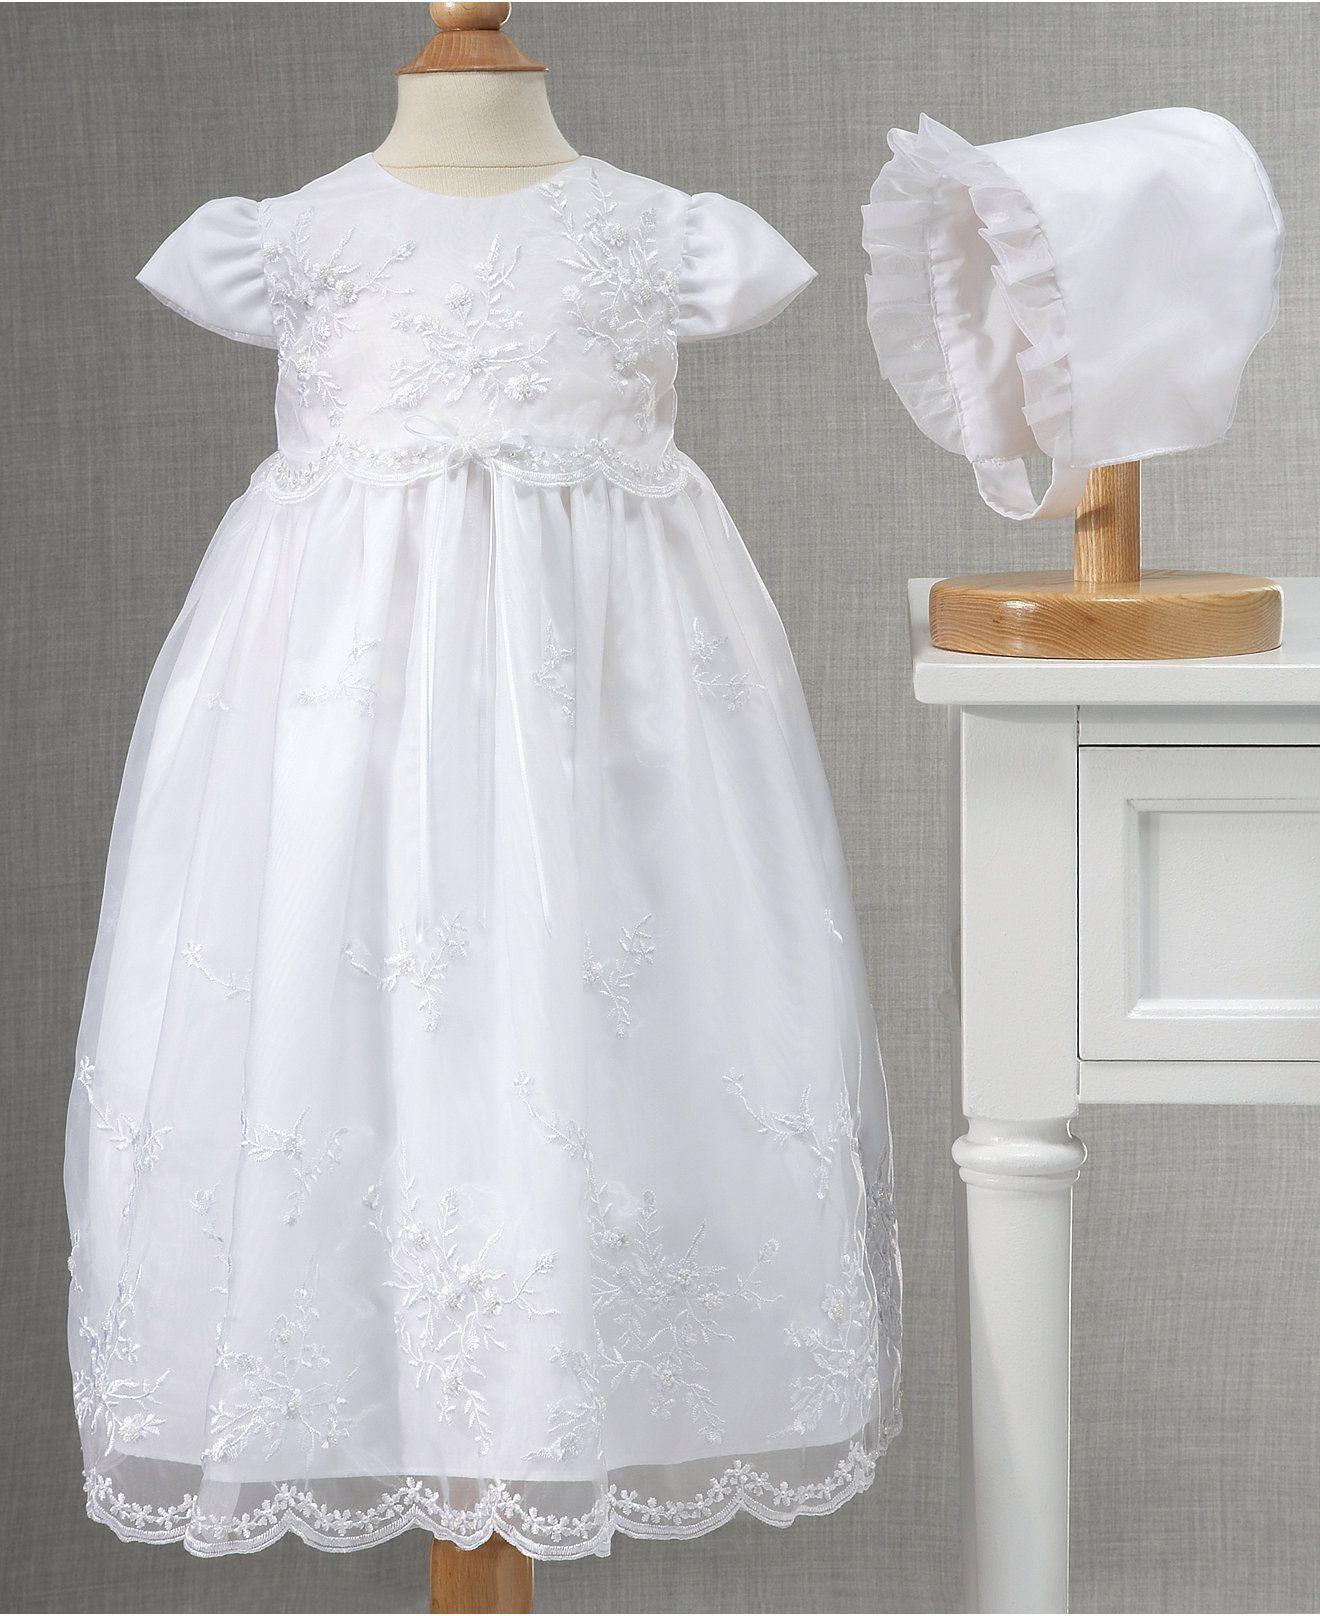 79e4be96b833b Baptism Dresses For Baby Girl Macys - raveitsafe